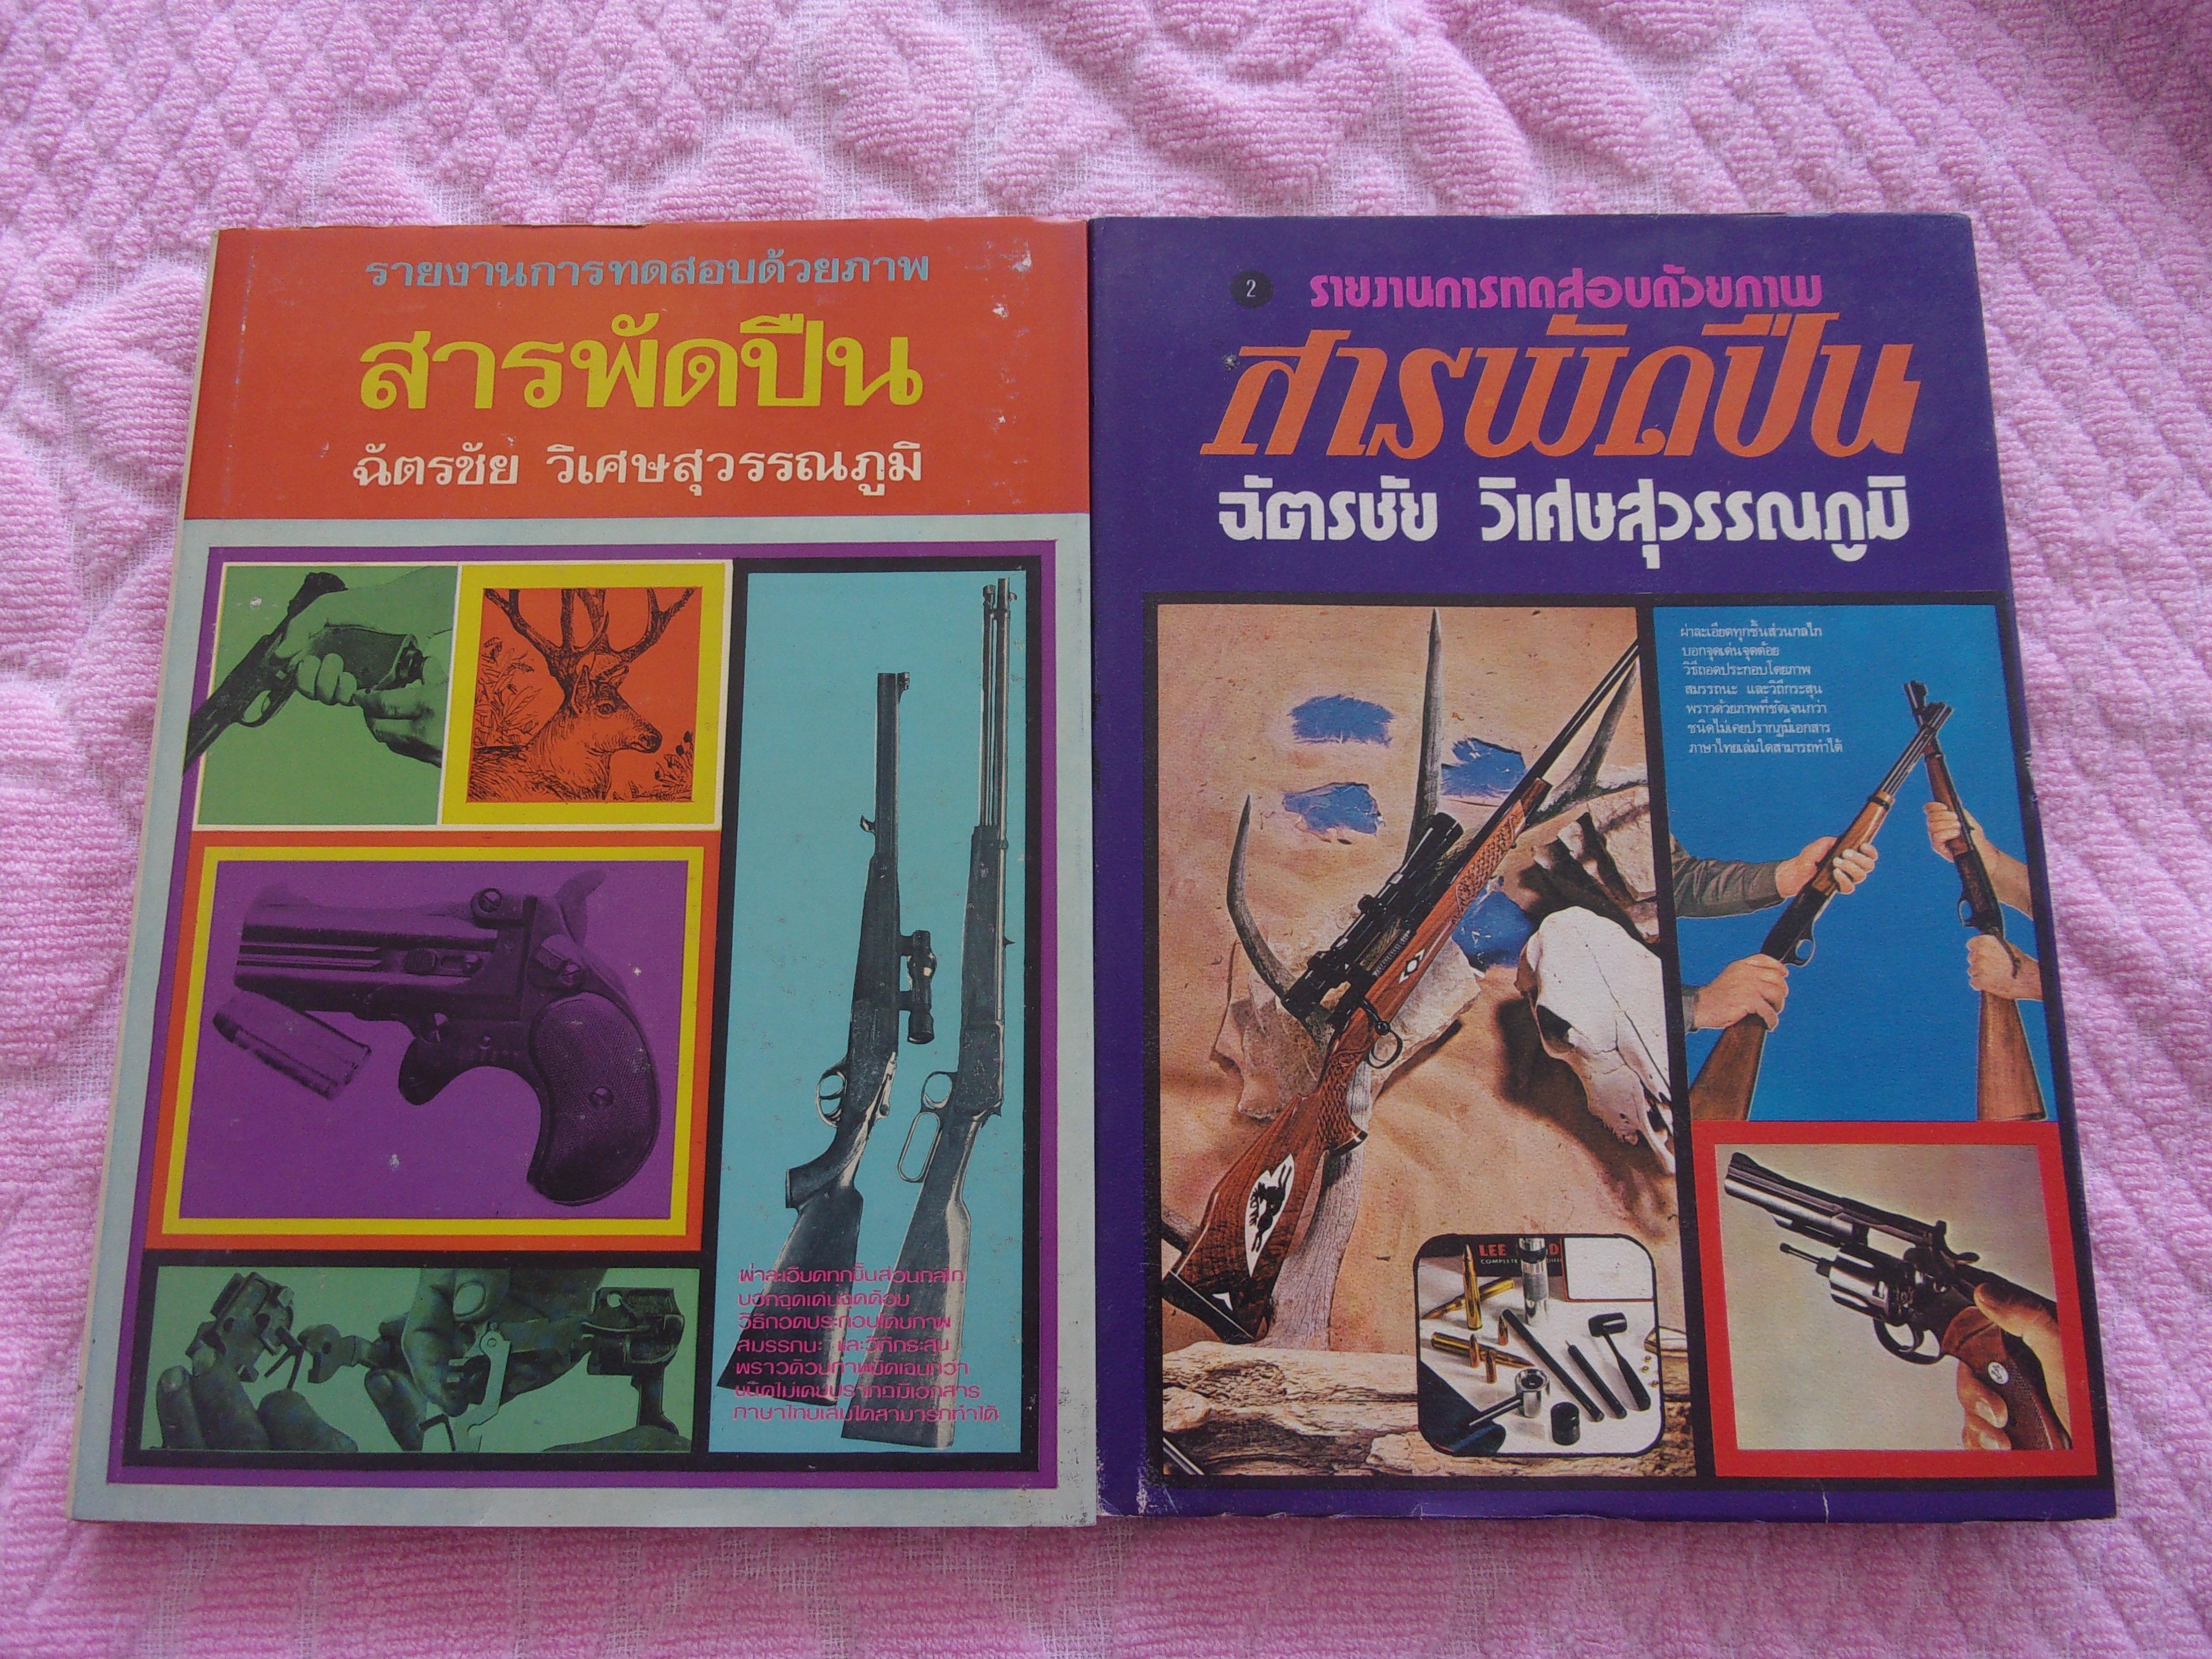 สารพัดปืน โดยพนมเทียน(ฉัตรชัย วิเศษสุวรรณภูมิ)2เล่มชุด หนังสือสวย พิมพ์ครั้งแรกปี2516